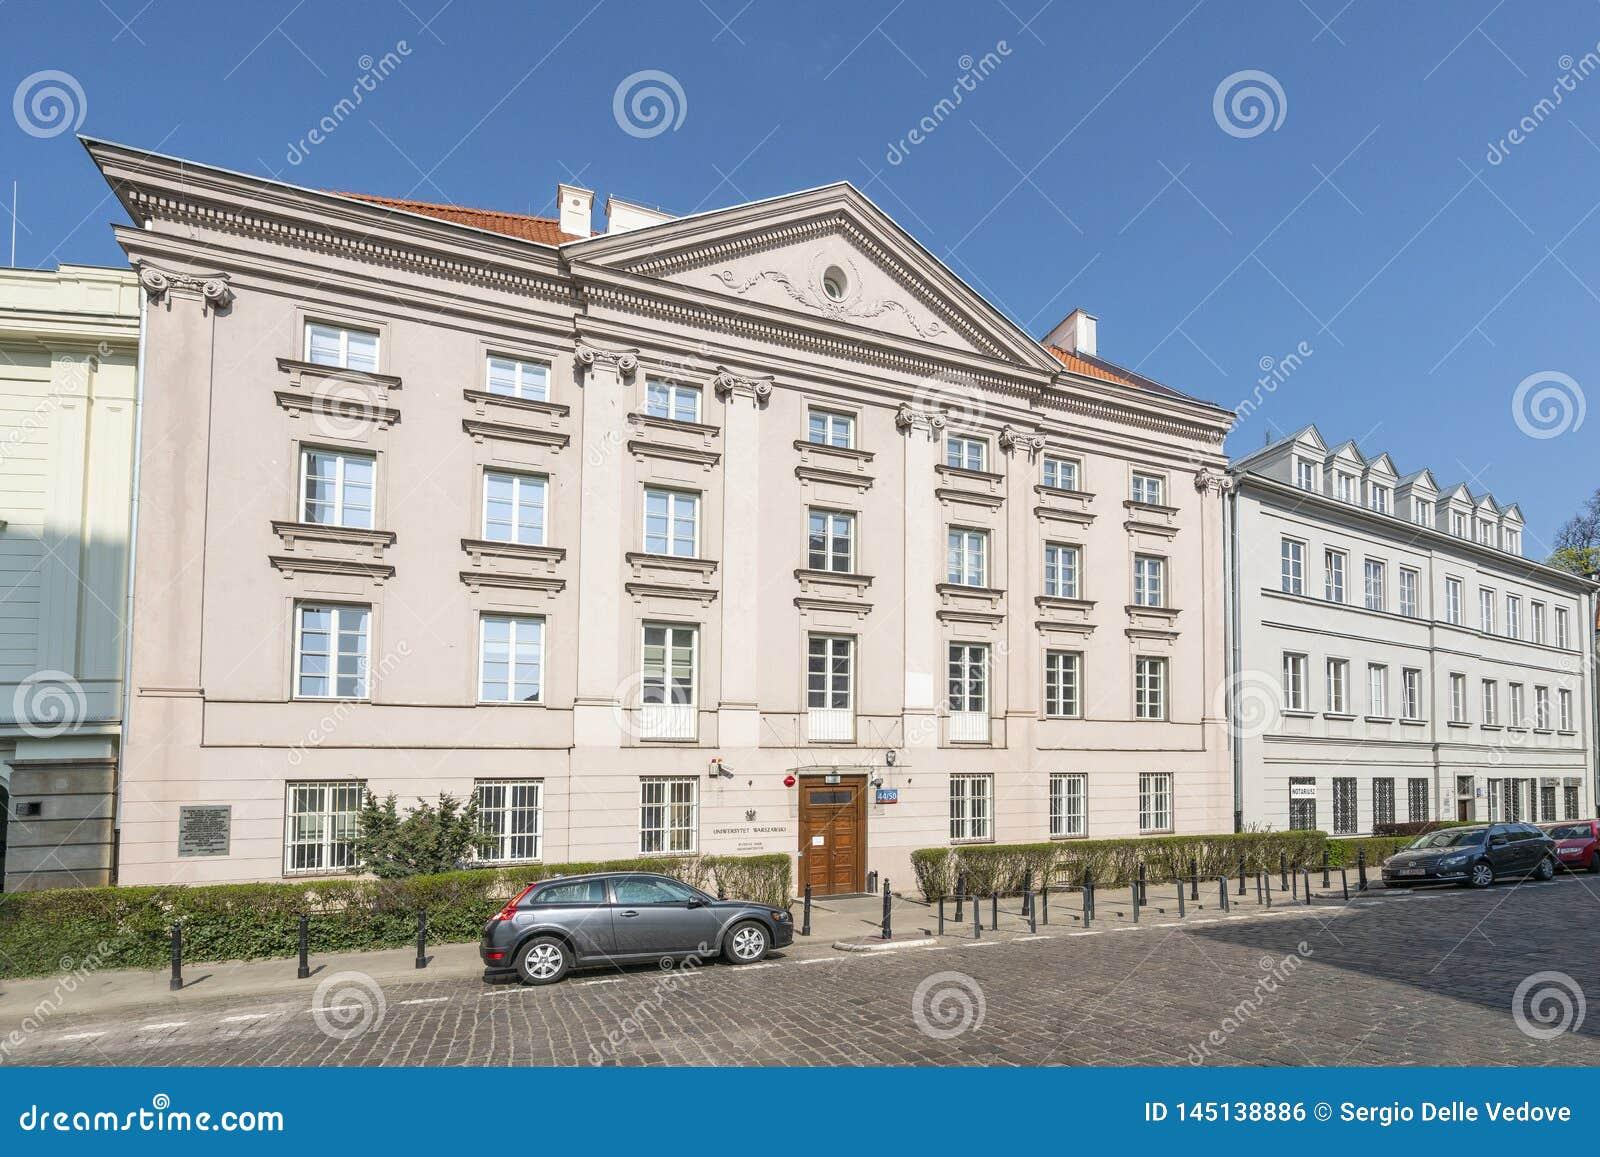 Facolt? delle scienze economiche, universit? di Varsavia